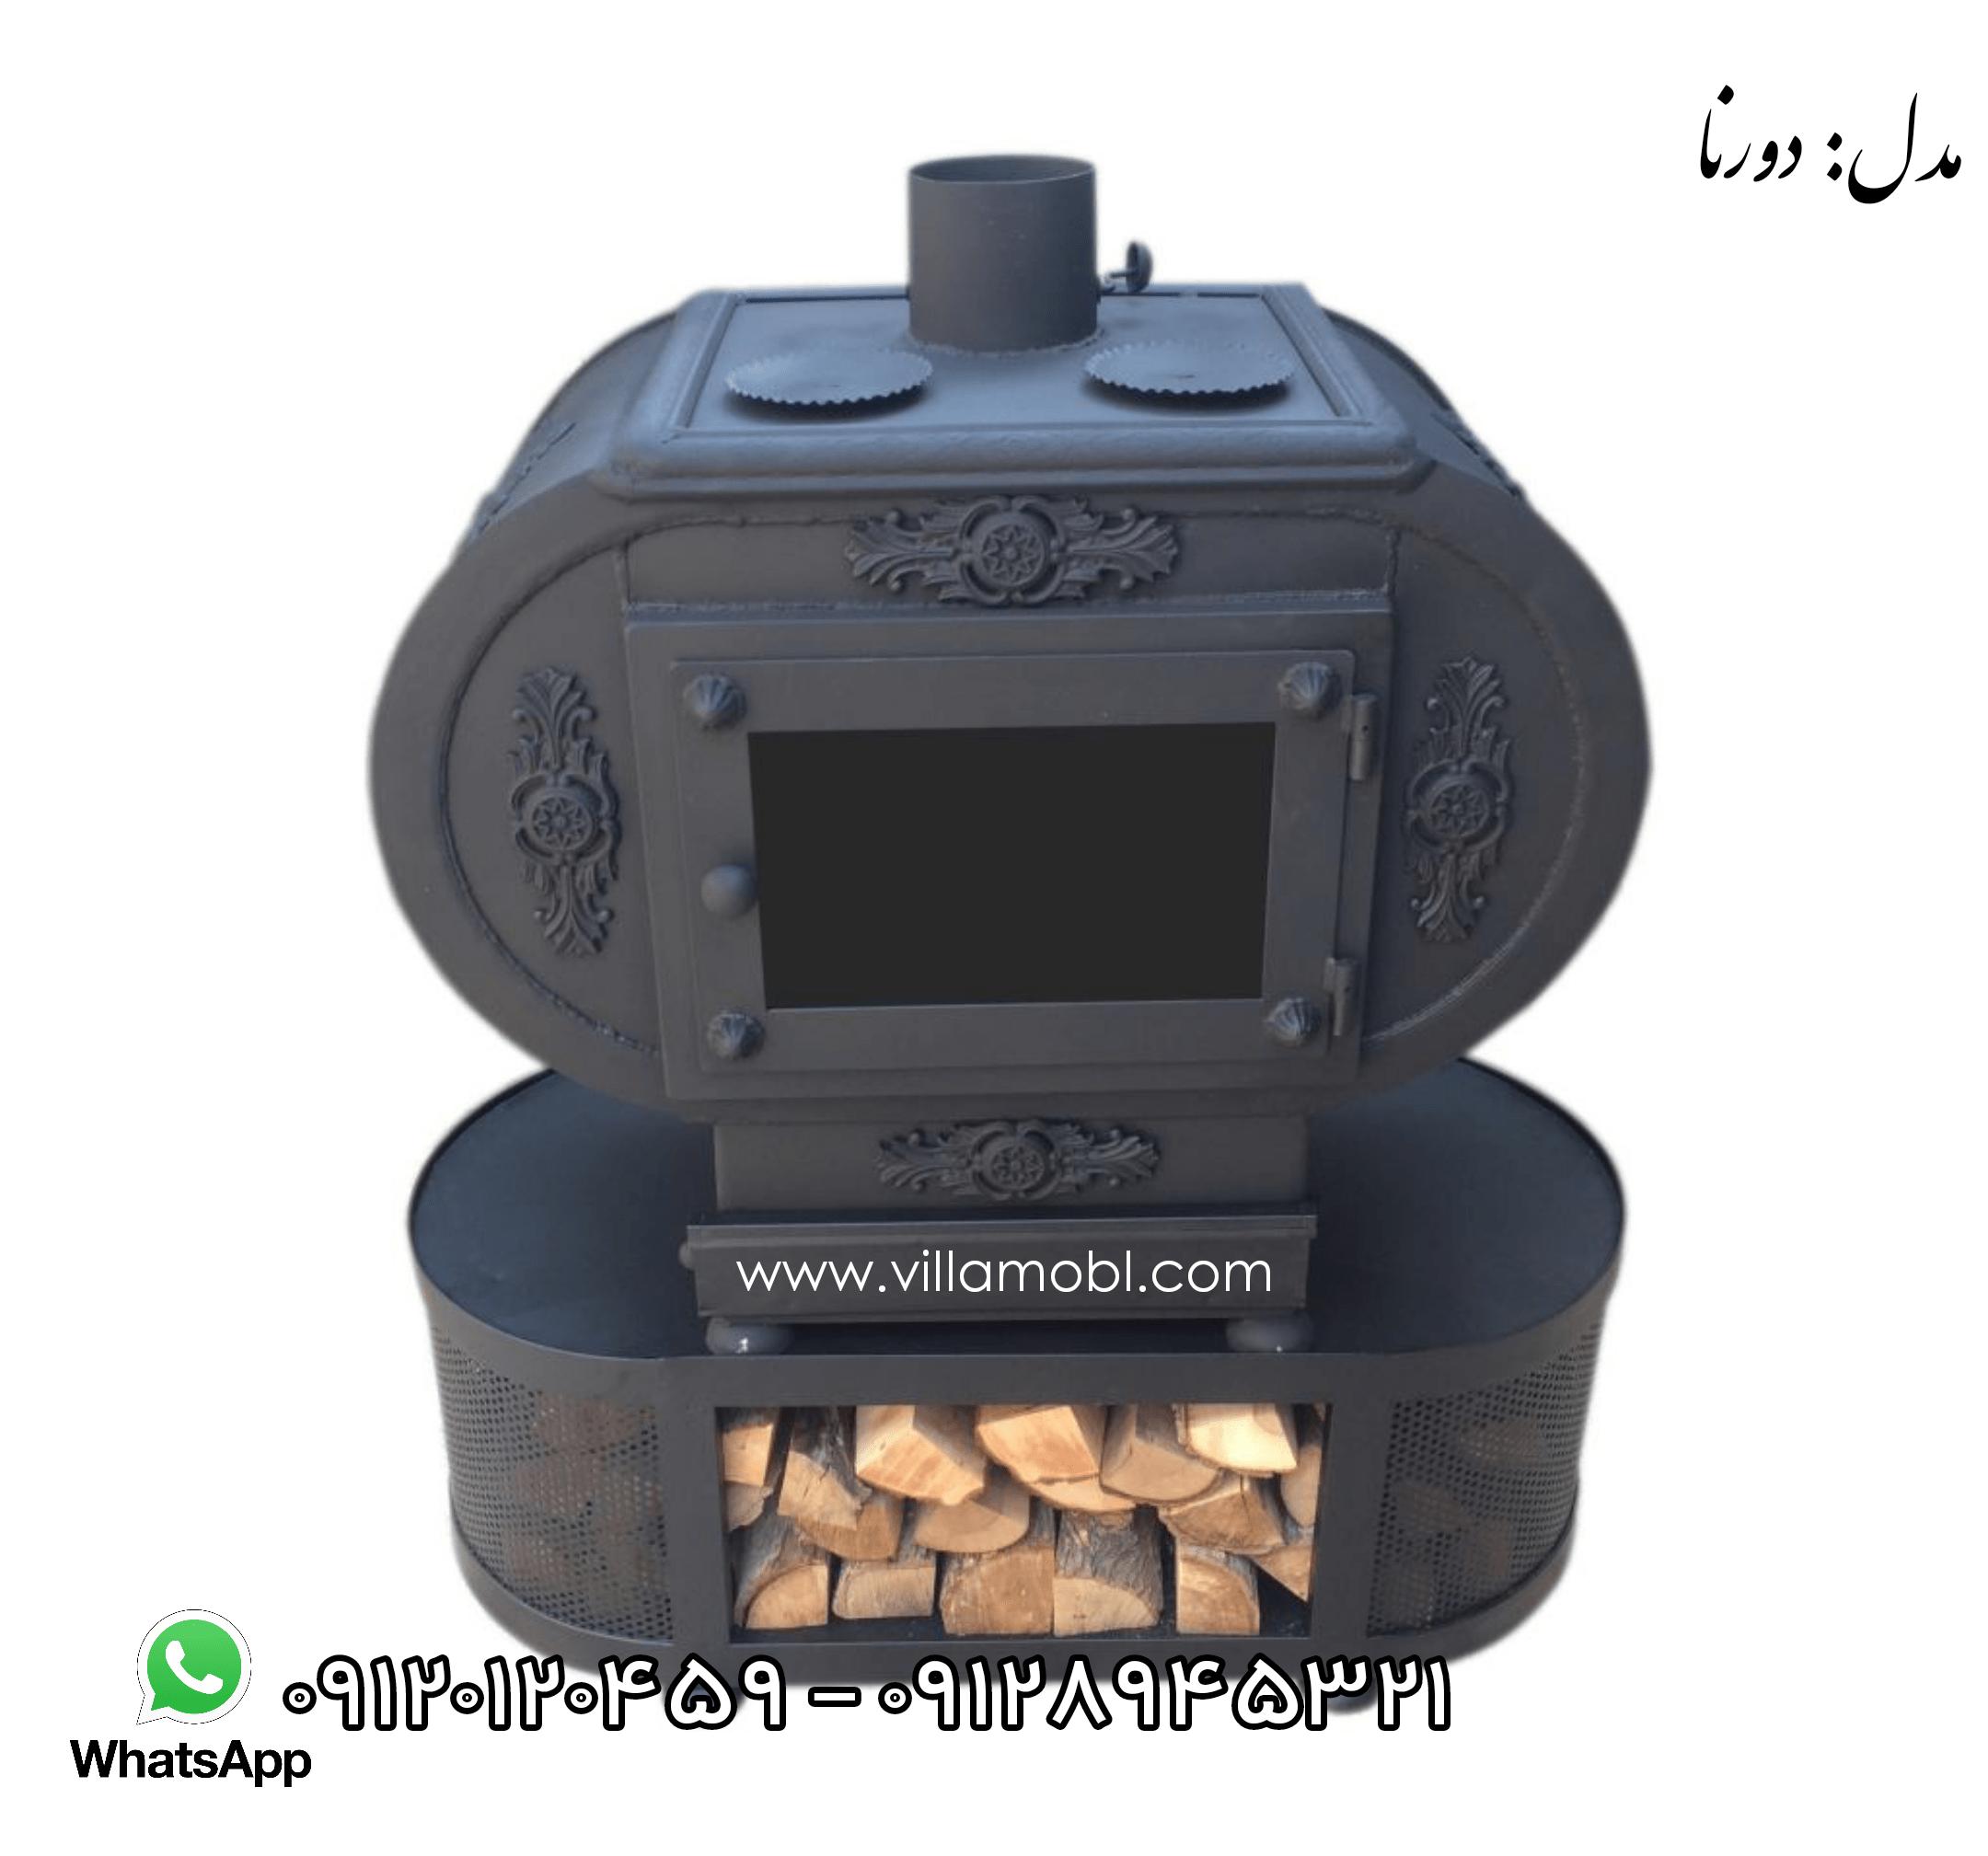 بخاری هیزمی و چوب سوز (4)